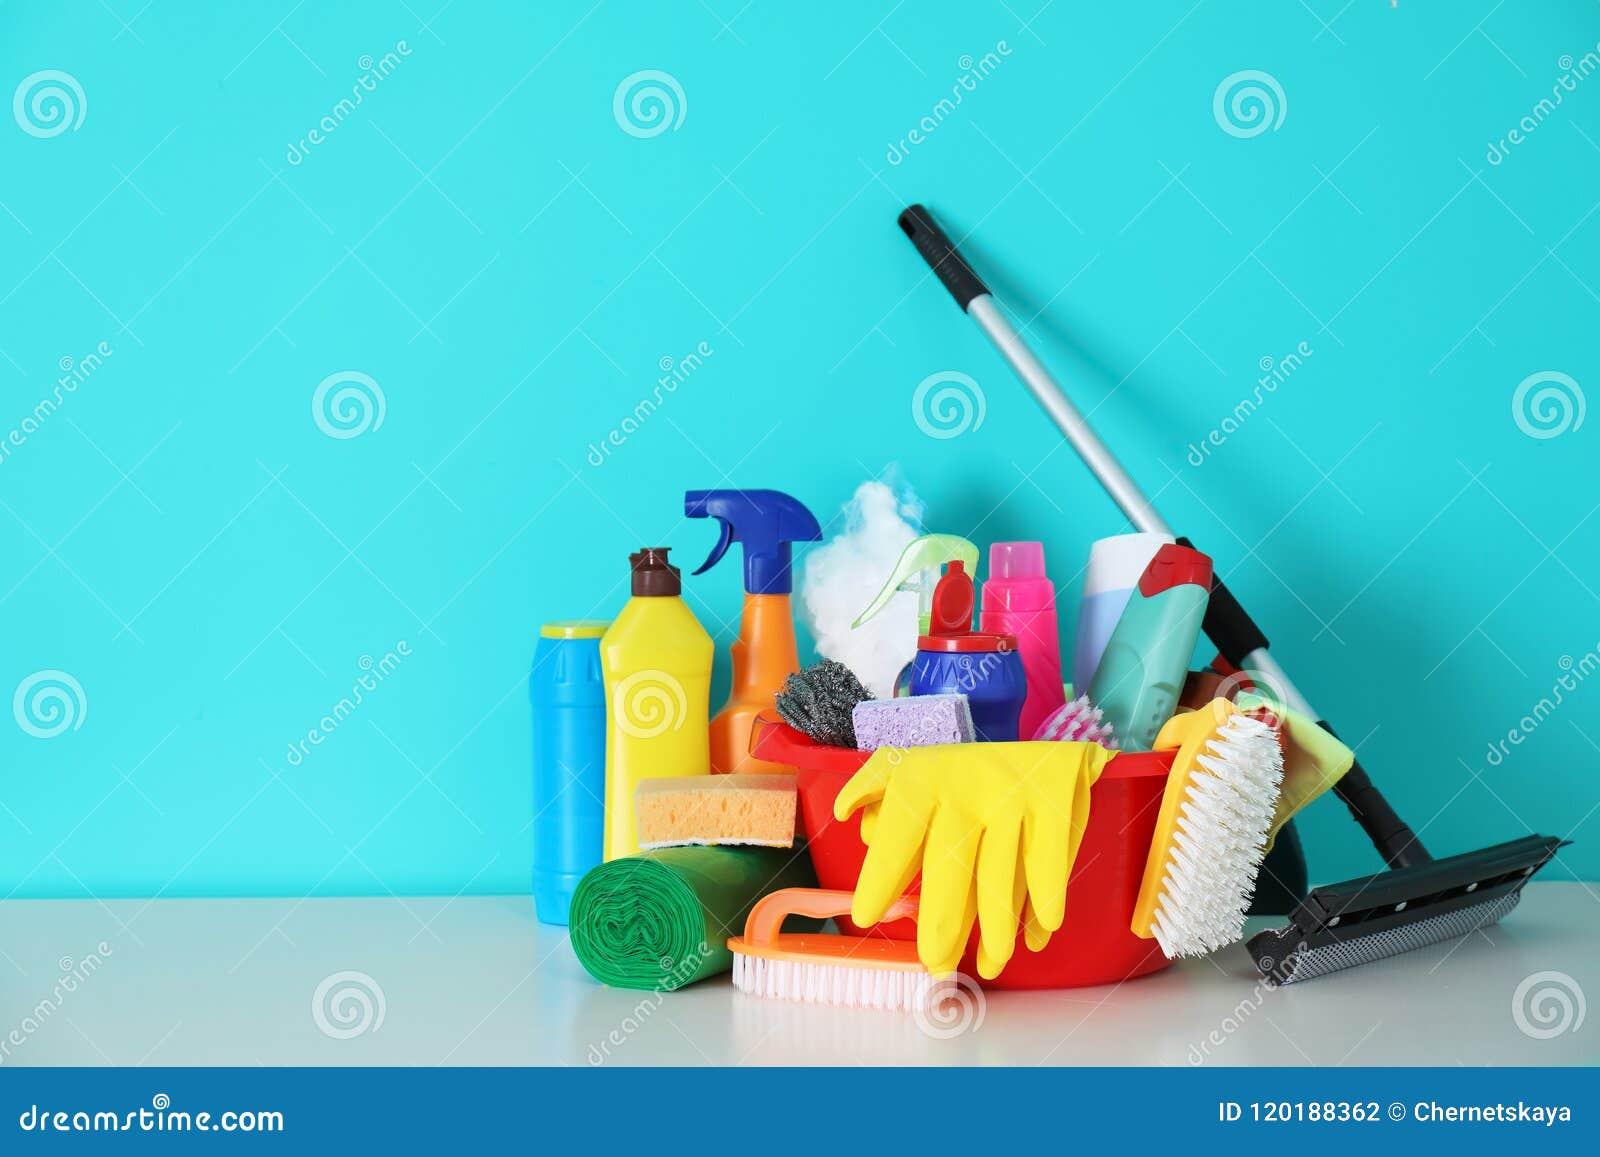 Grupo de fontes de limpeza